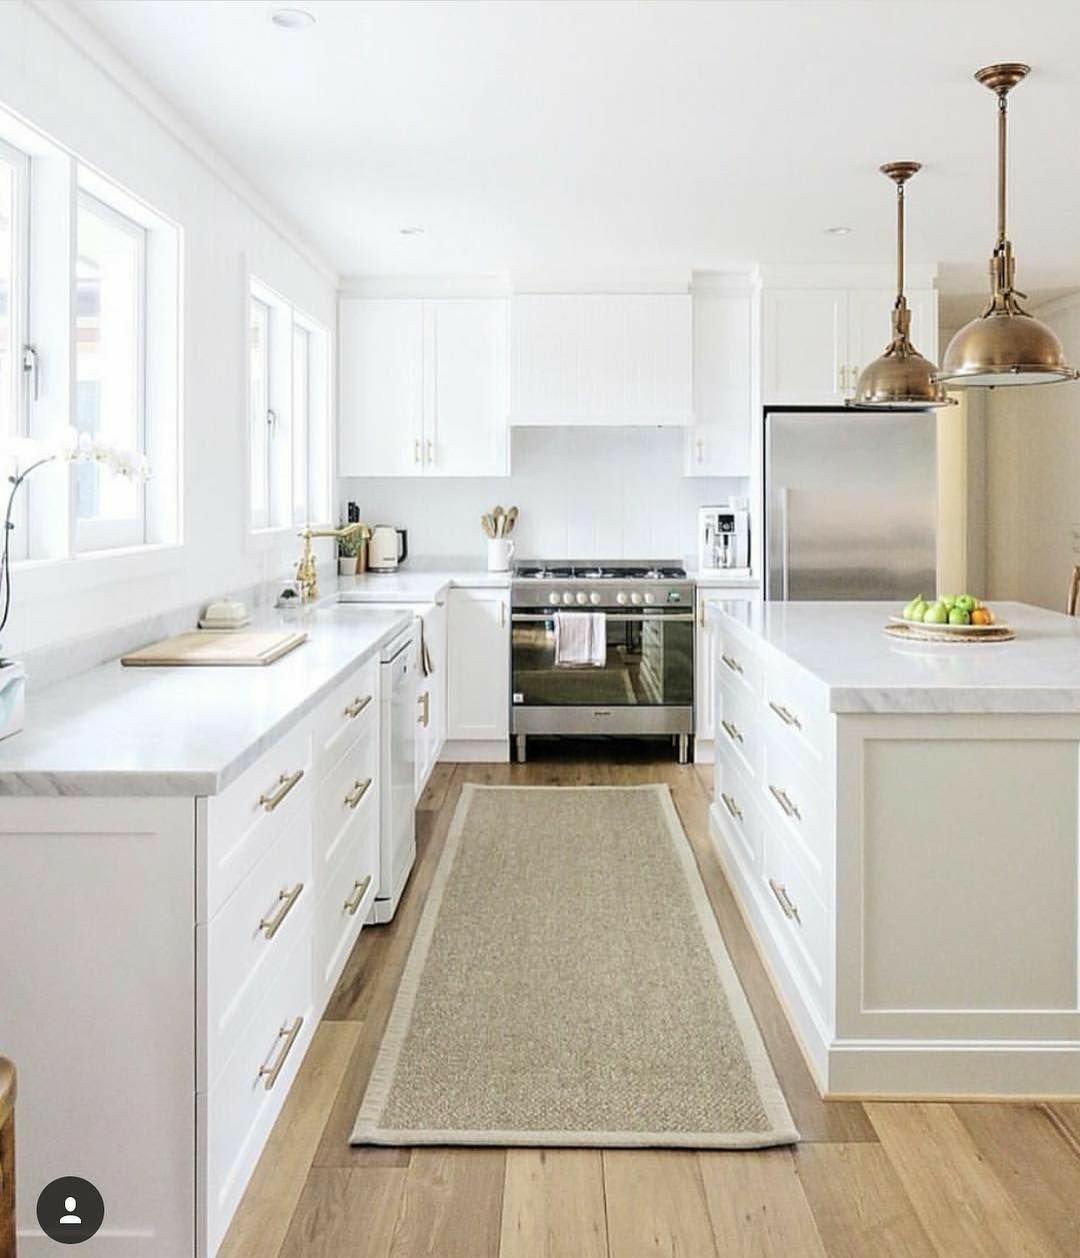 Cozinha planejado com ilha e armários brancos.